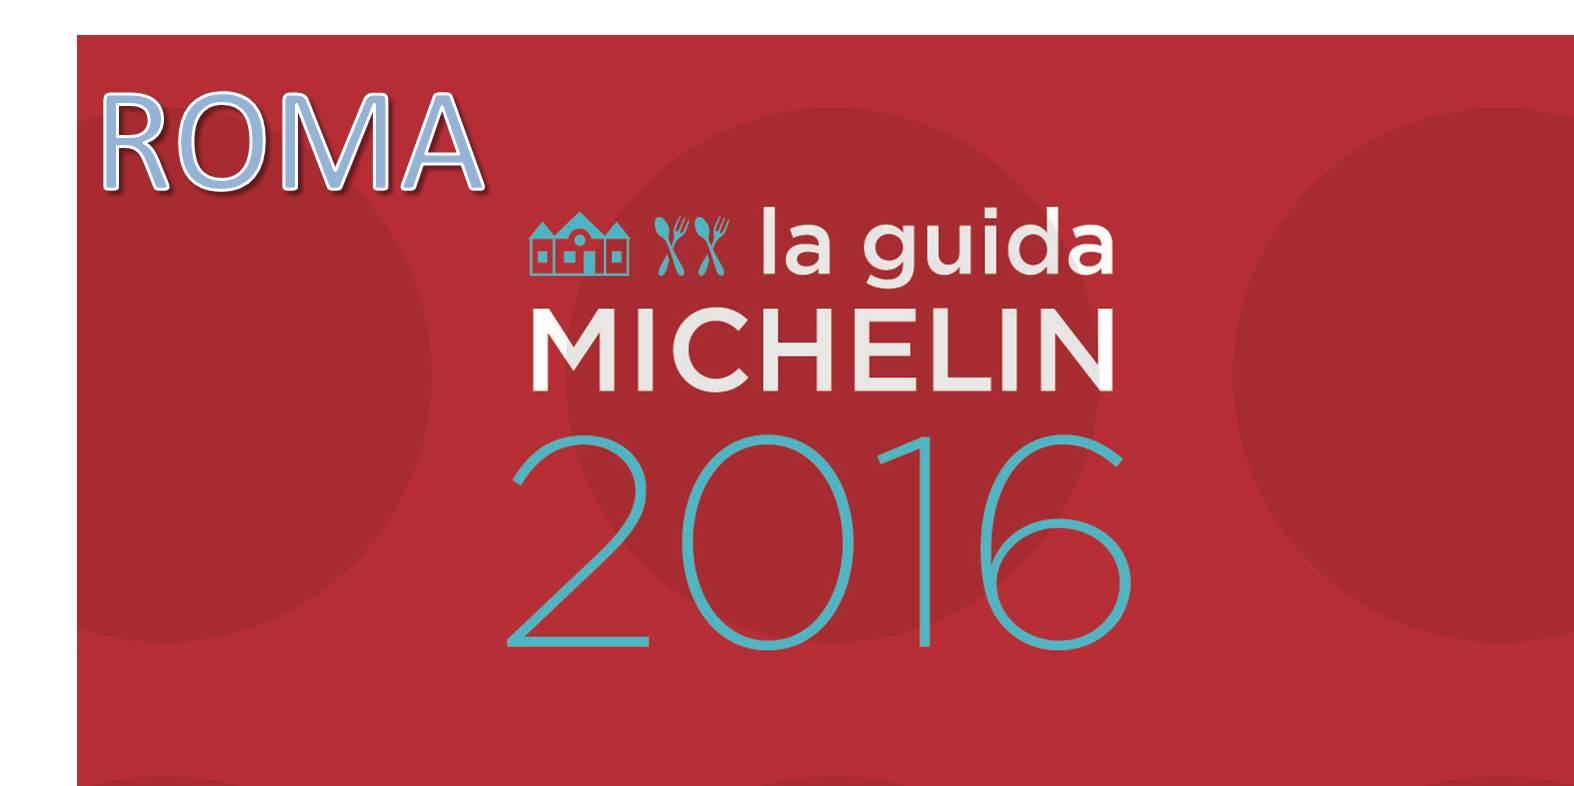 Migliori ristoranti Michelin 2016 a Roma